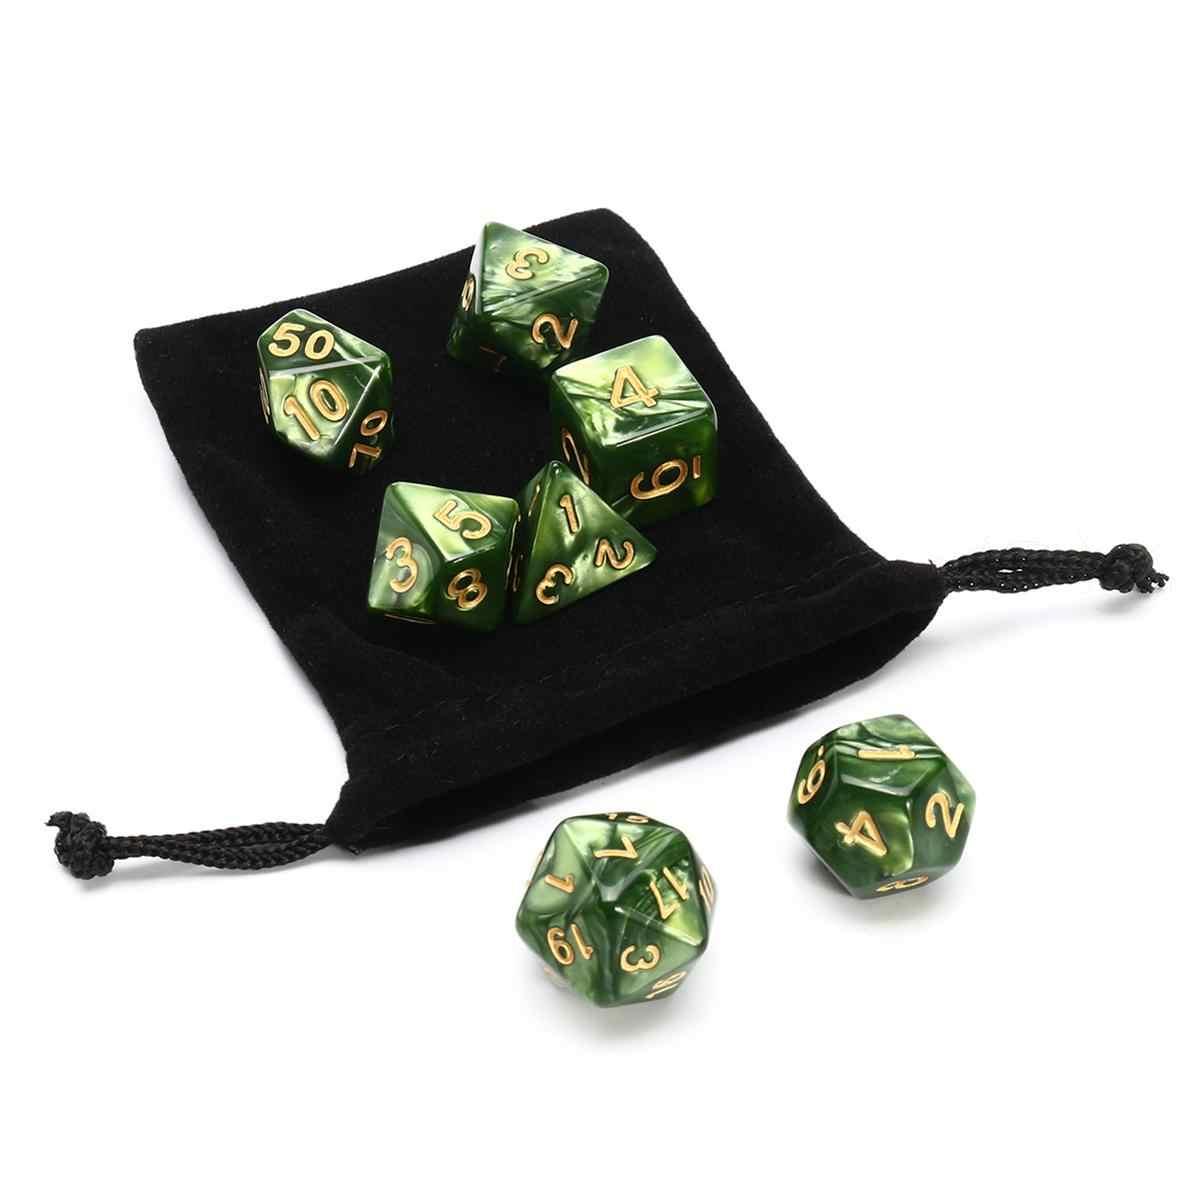 7 шт. Светящиеся Зеленые Мраморные трпг многогранные блестящие кости Mult-SID RG игральные кости набор гаджет ролевые игральные кости настольная игра с сумкой